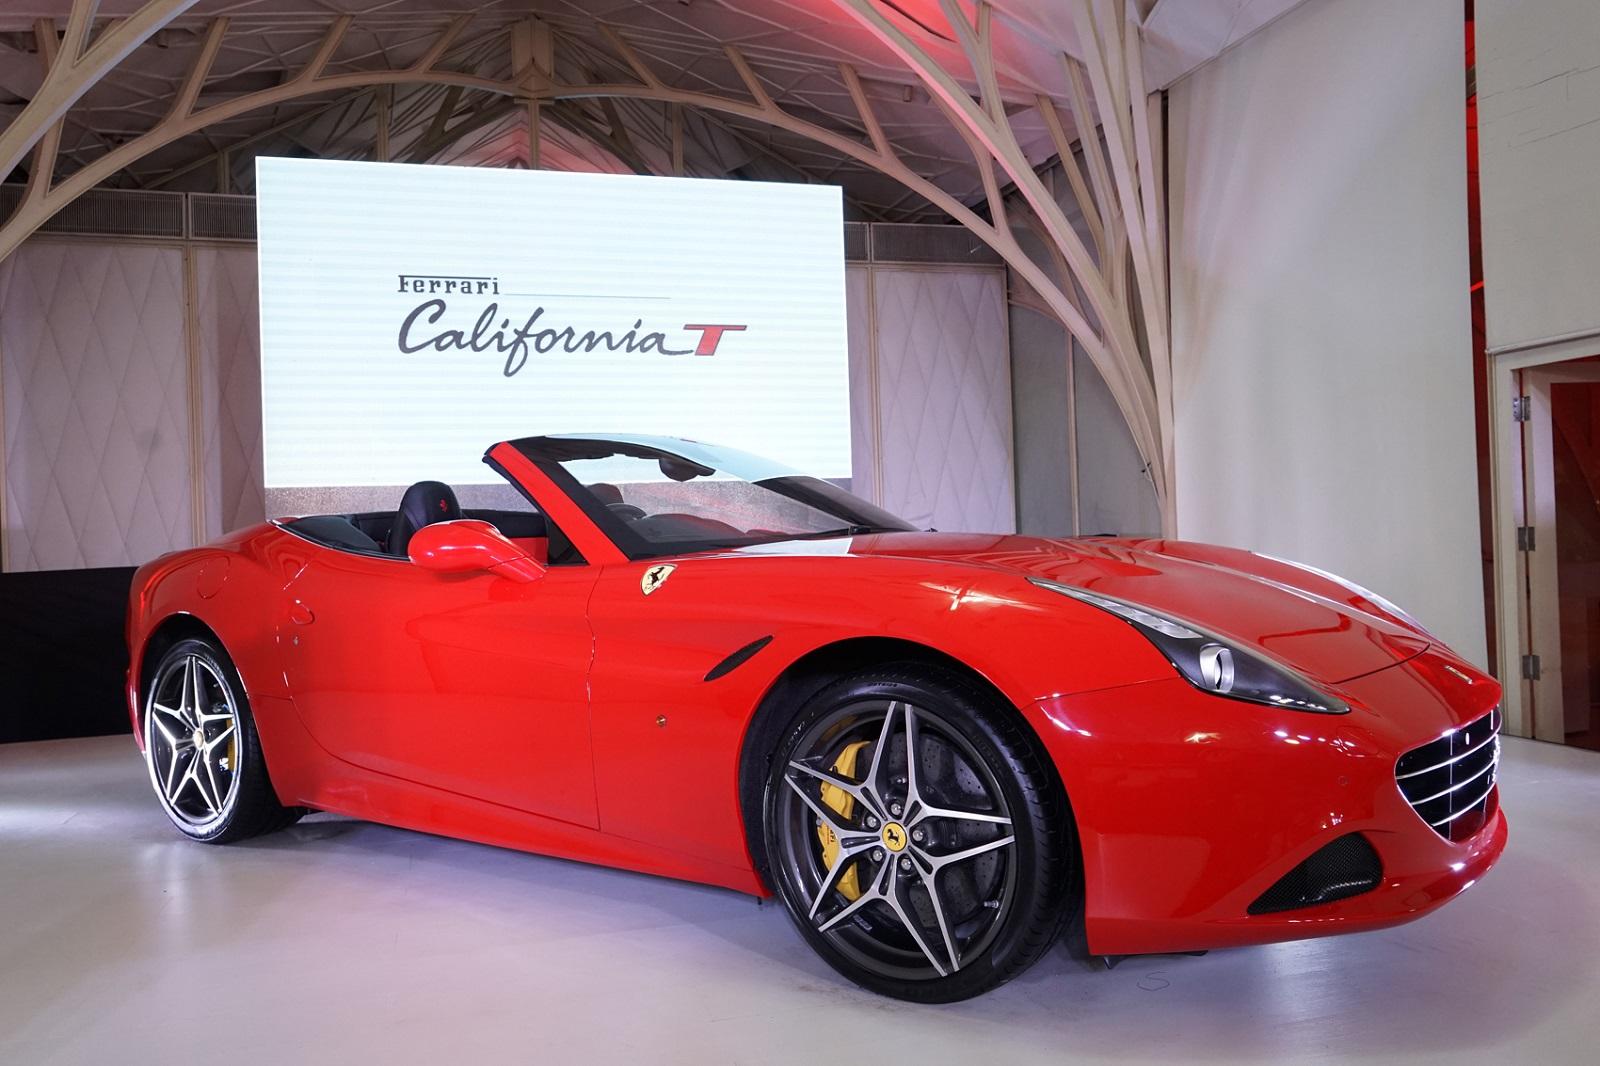 Ferrari California T Launched In India Gtspirit